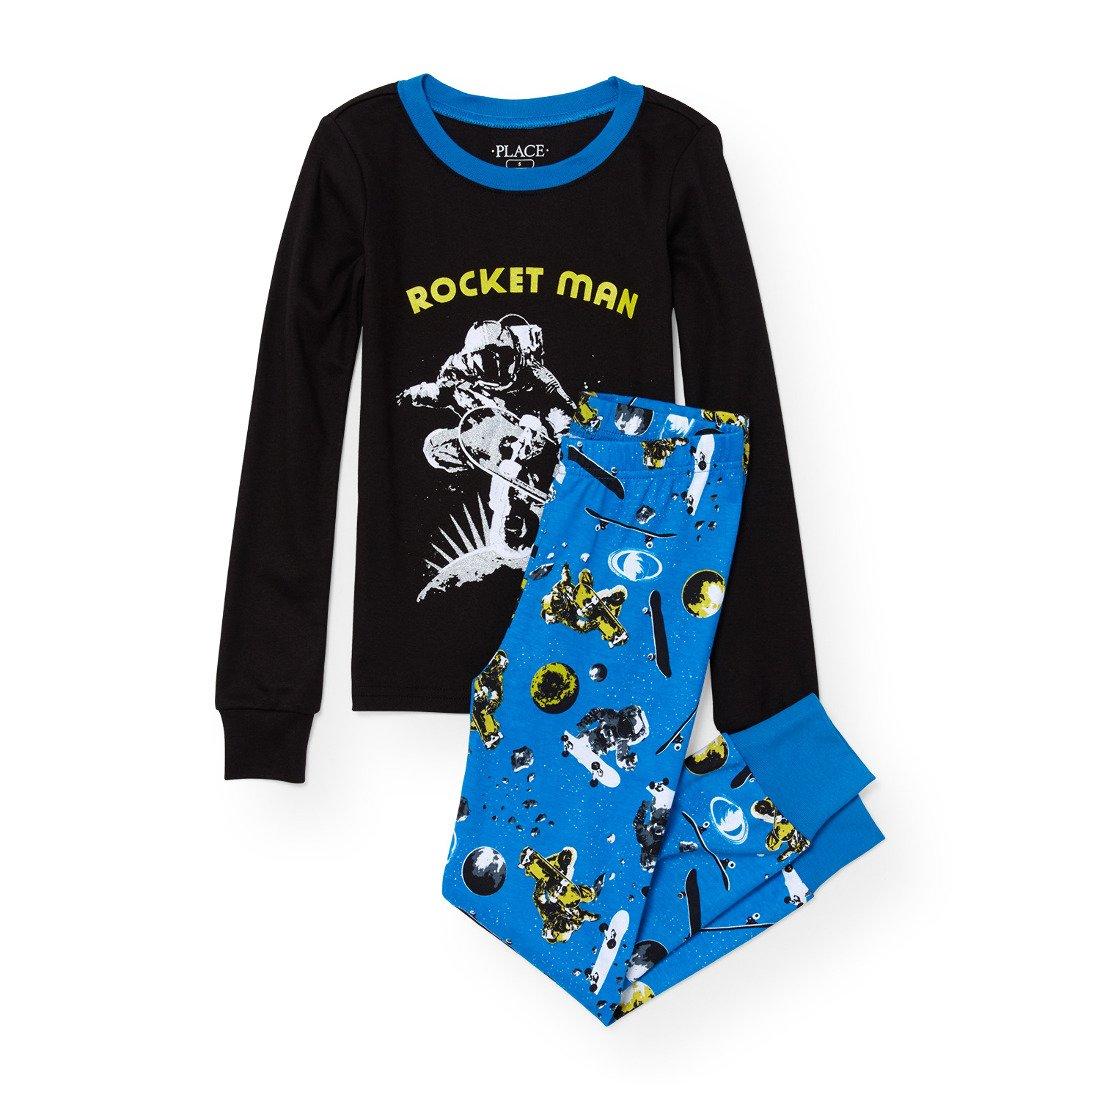 The Children's Place Big Boys' Rocketman 2 Piece Cotton Pajamas, Black 90466, 8